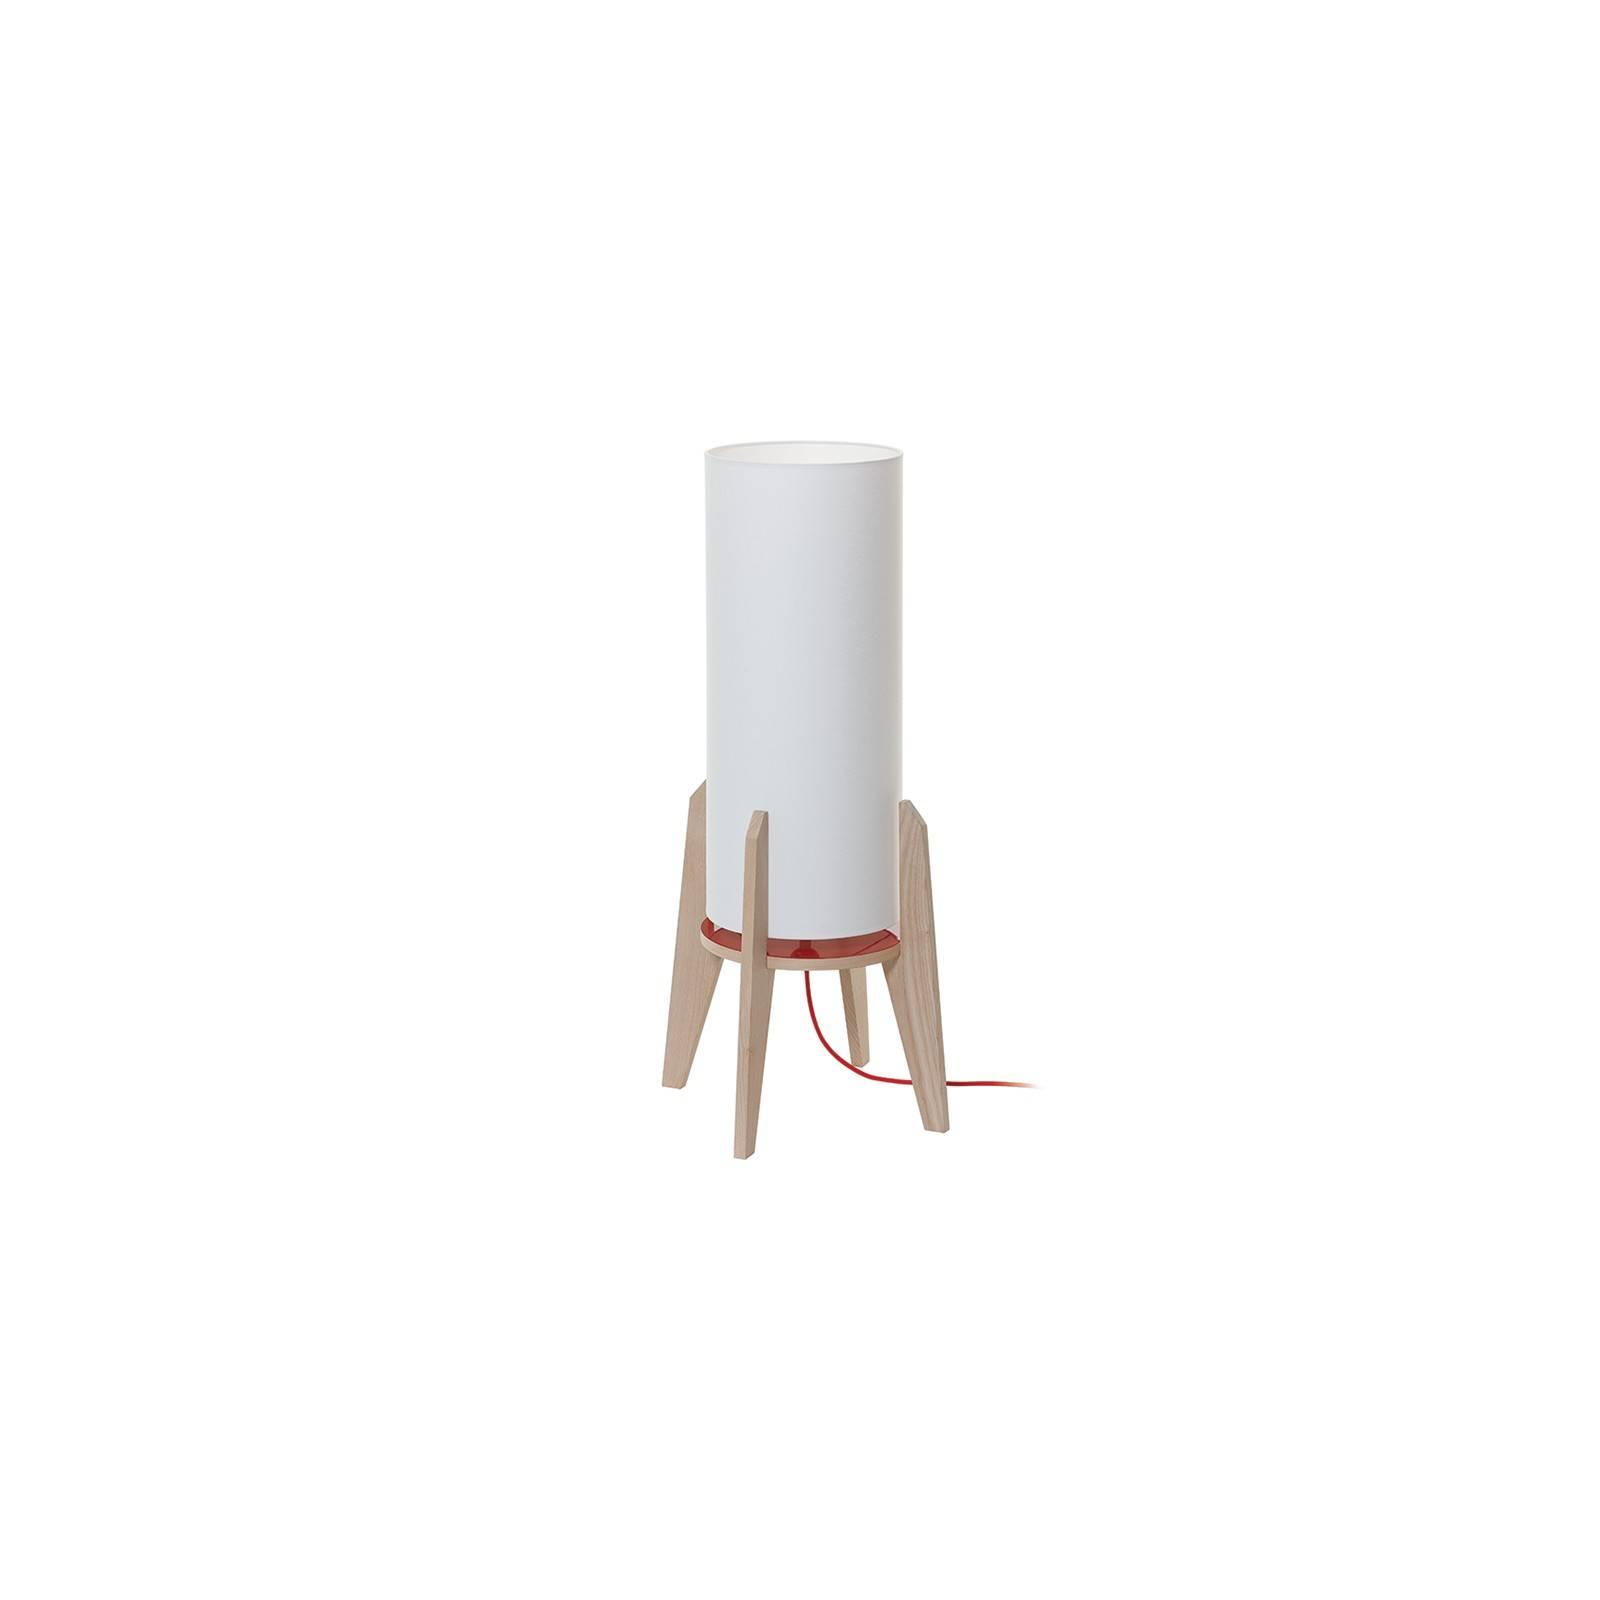 Lampe en forme de navette spatiale Rocket. Déco espace